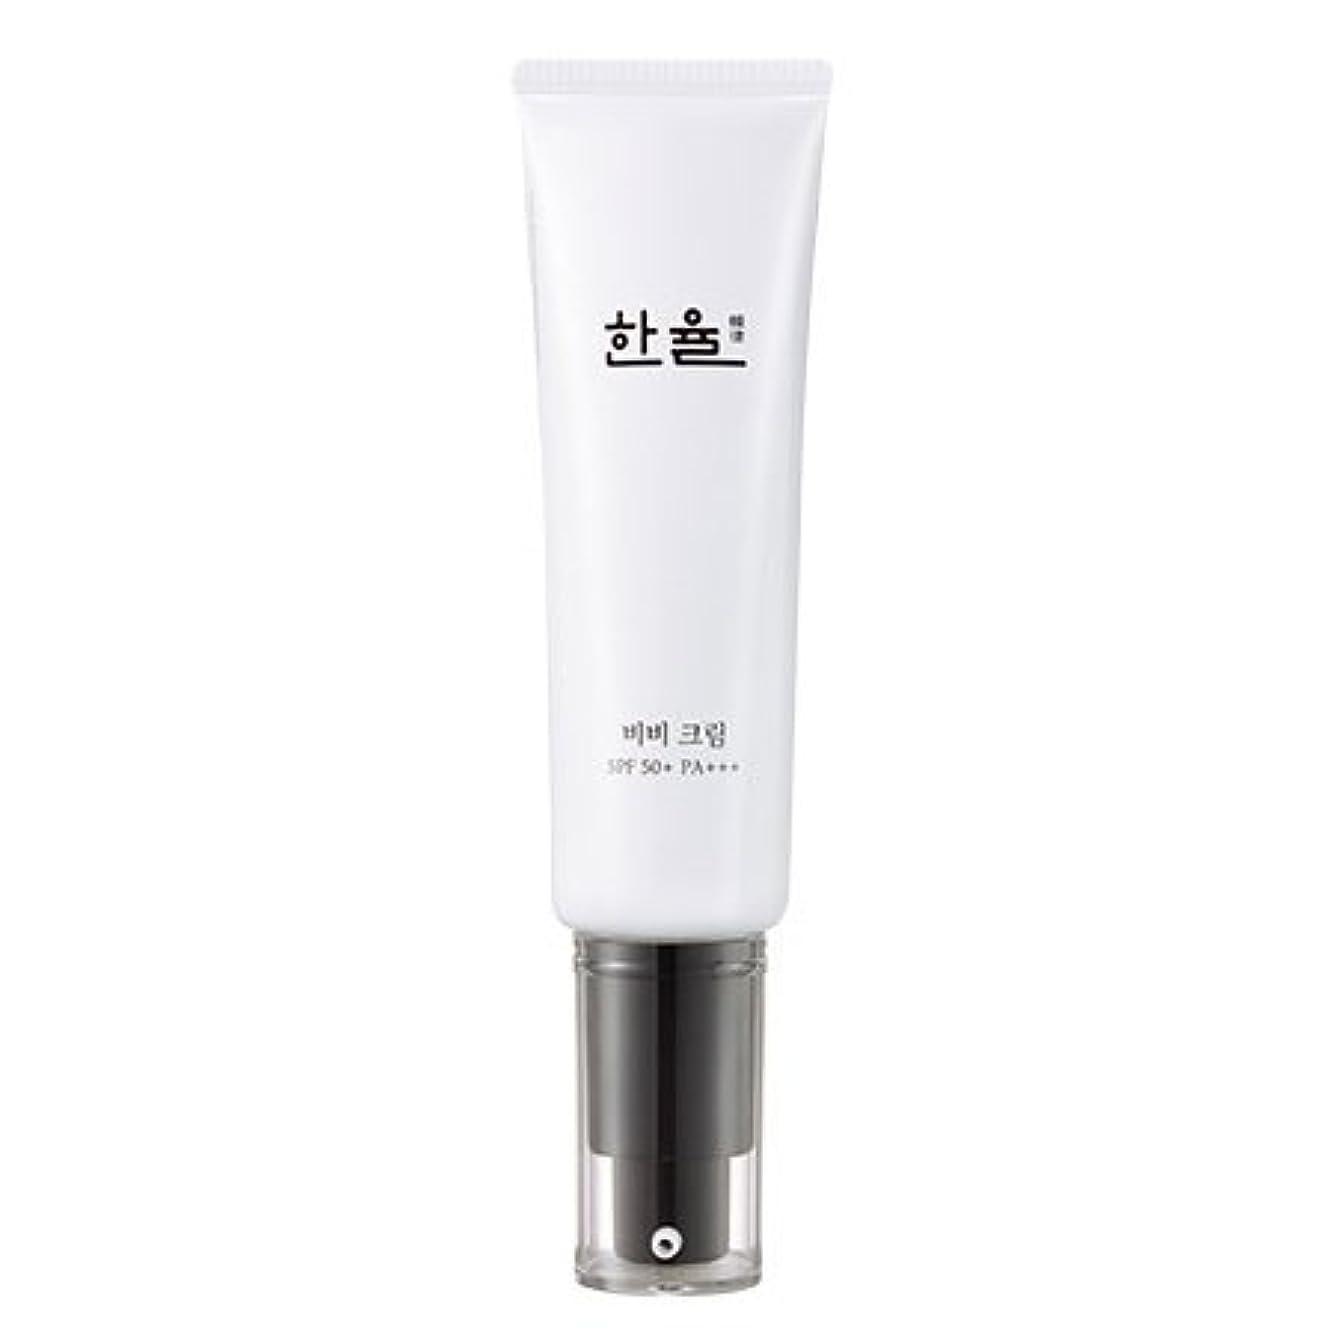 無駄な接地バクテリアHANYUL BB Cream 40ml/ハンユル BBクリーム 40ml (#2 Natural Beige) [並行輸入品]